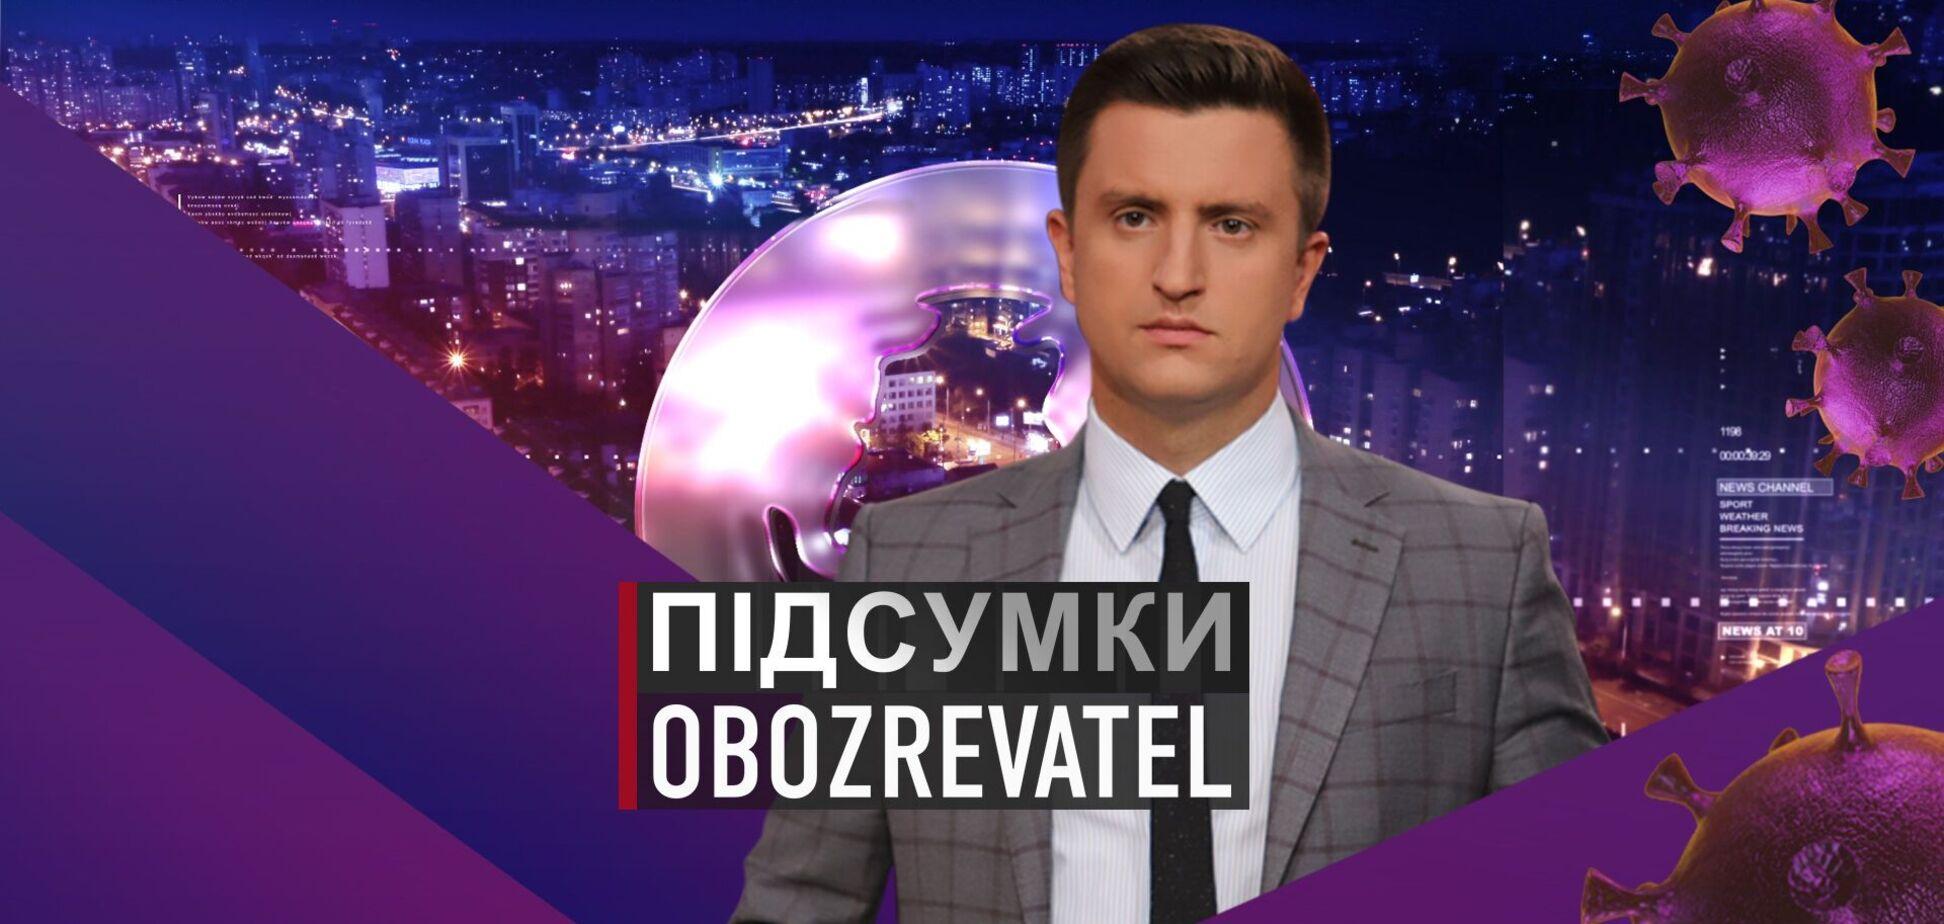 Підсумки з Вадимом Колодійчуком. П'ятниця, 4 червня